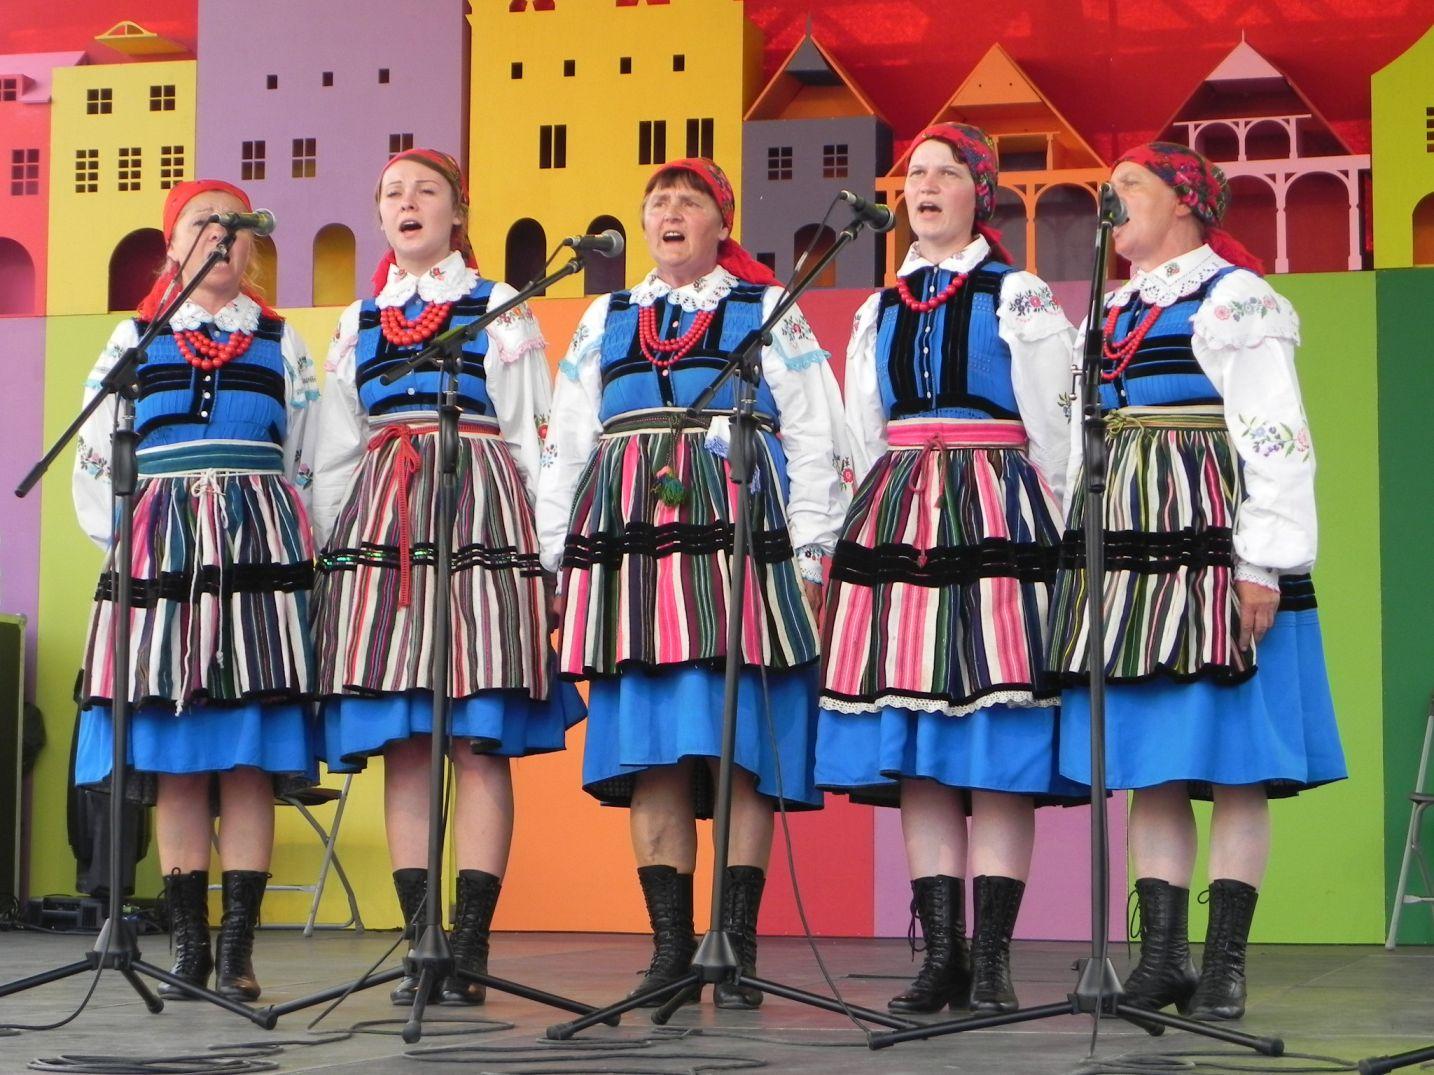 2016-06-26 Kazimierz Dolny - festiwal (89)